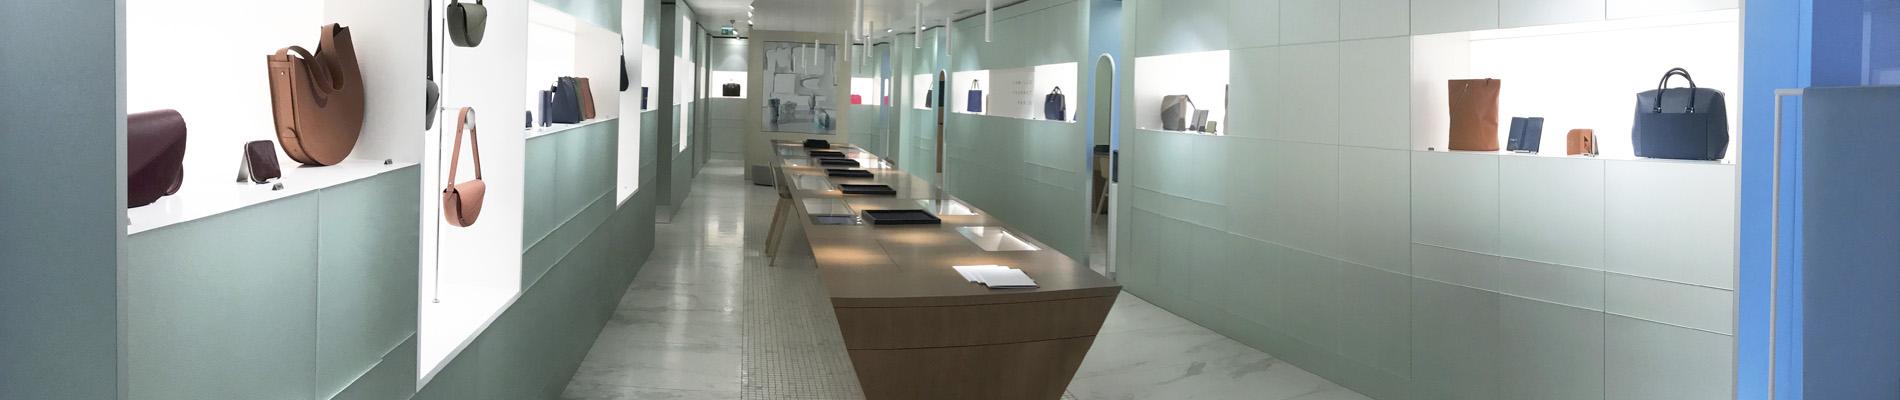 Visuel représentant l'espace principal d'une boutique de maroquinerie de luxe dont l'installation électrique a été réalisée par l'entreprise d'électricité générale Ampère Michaut.